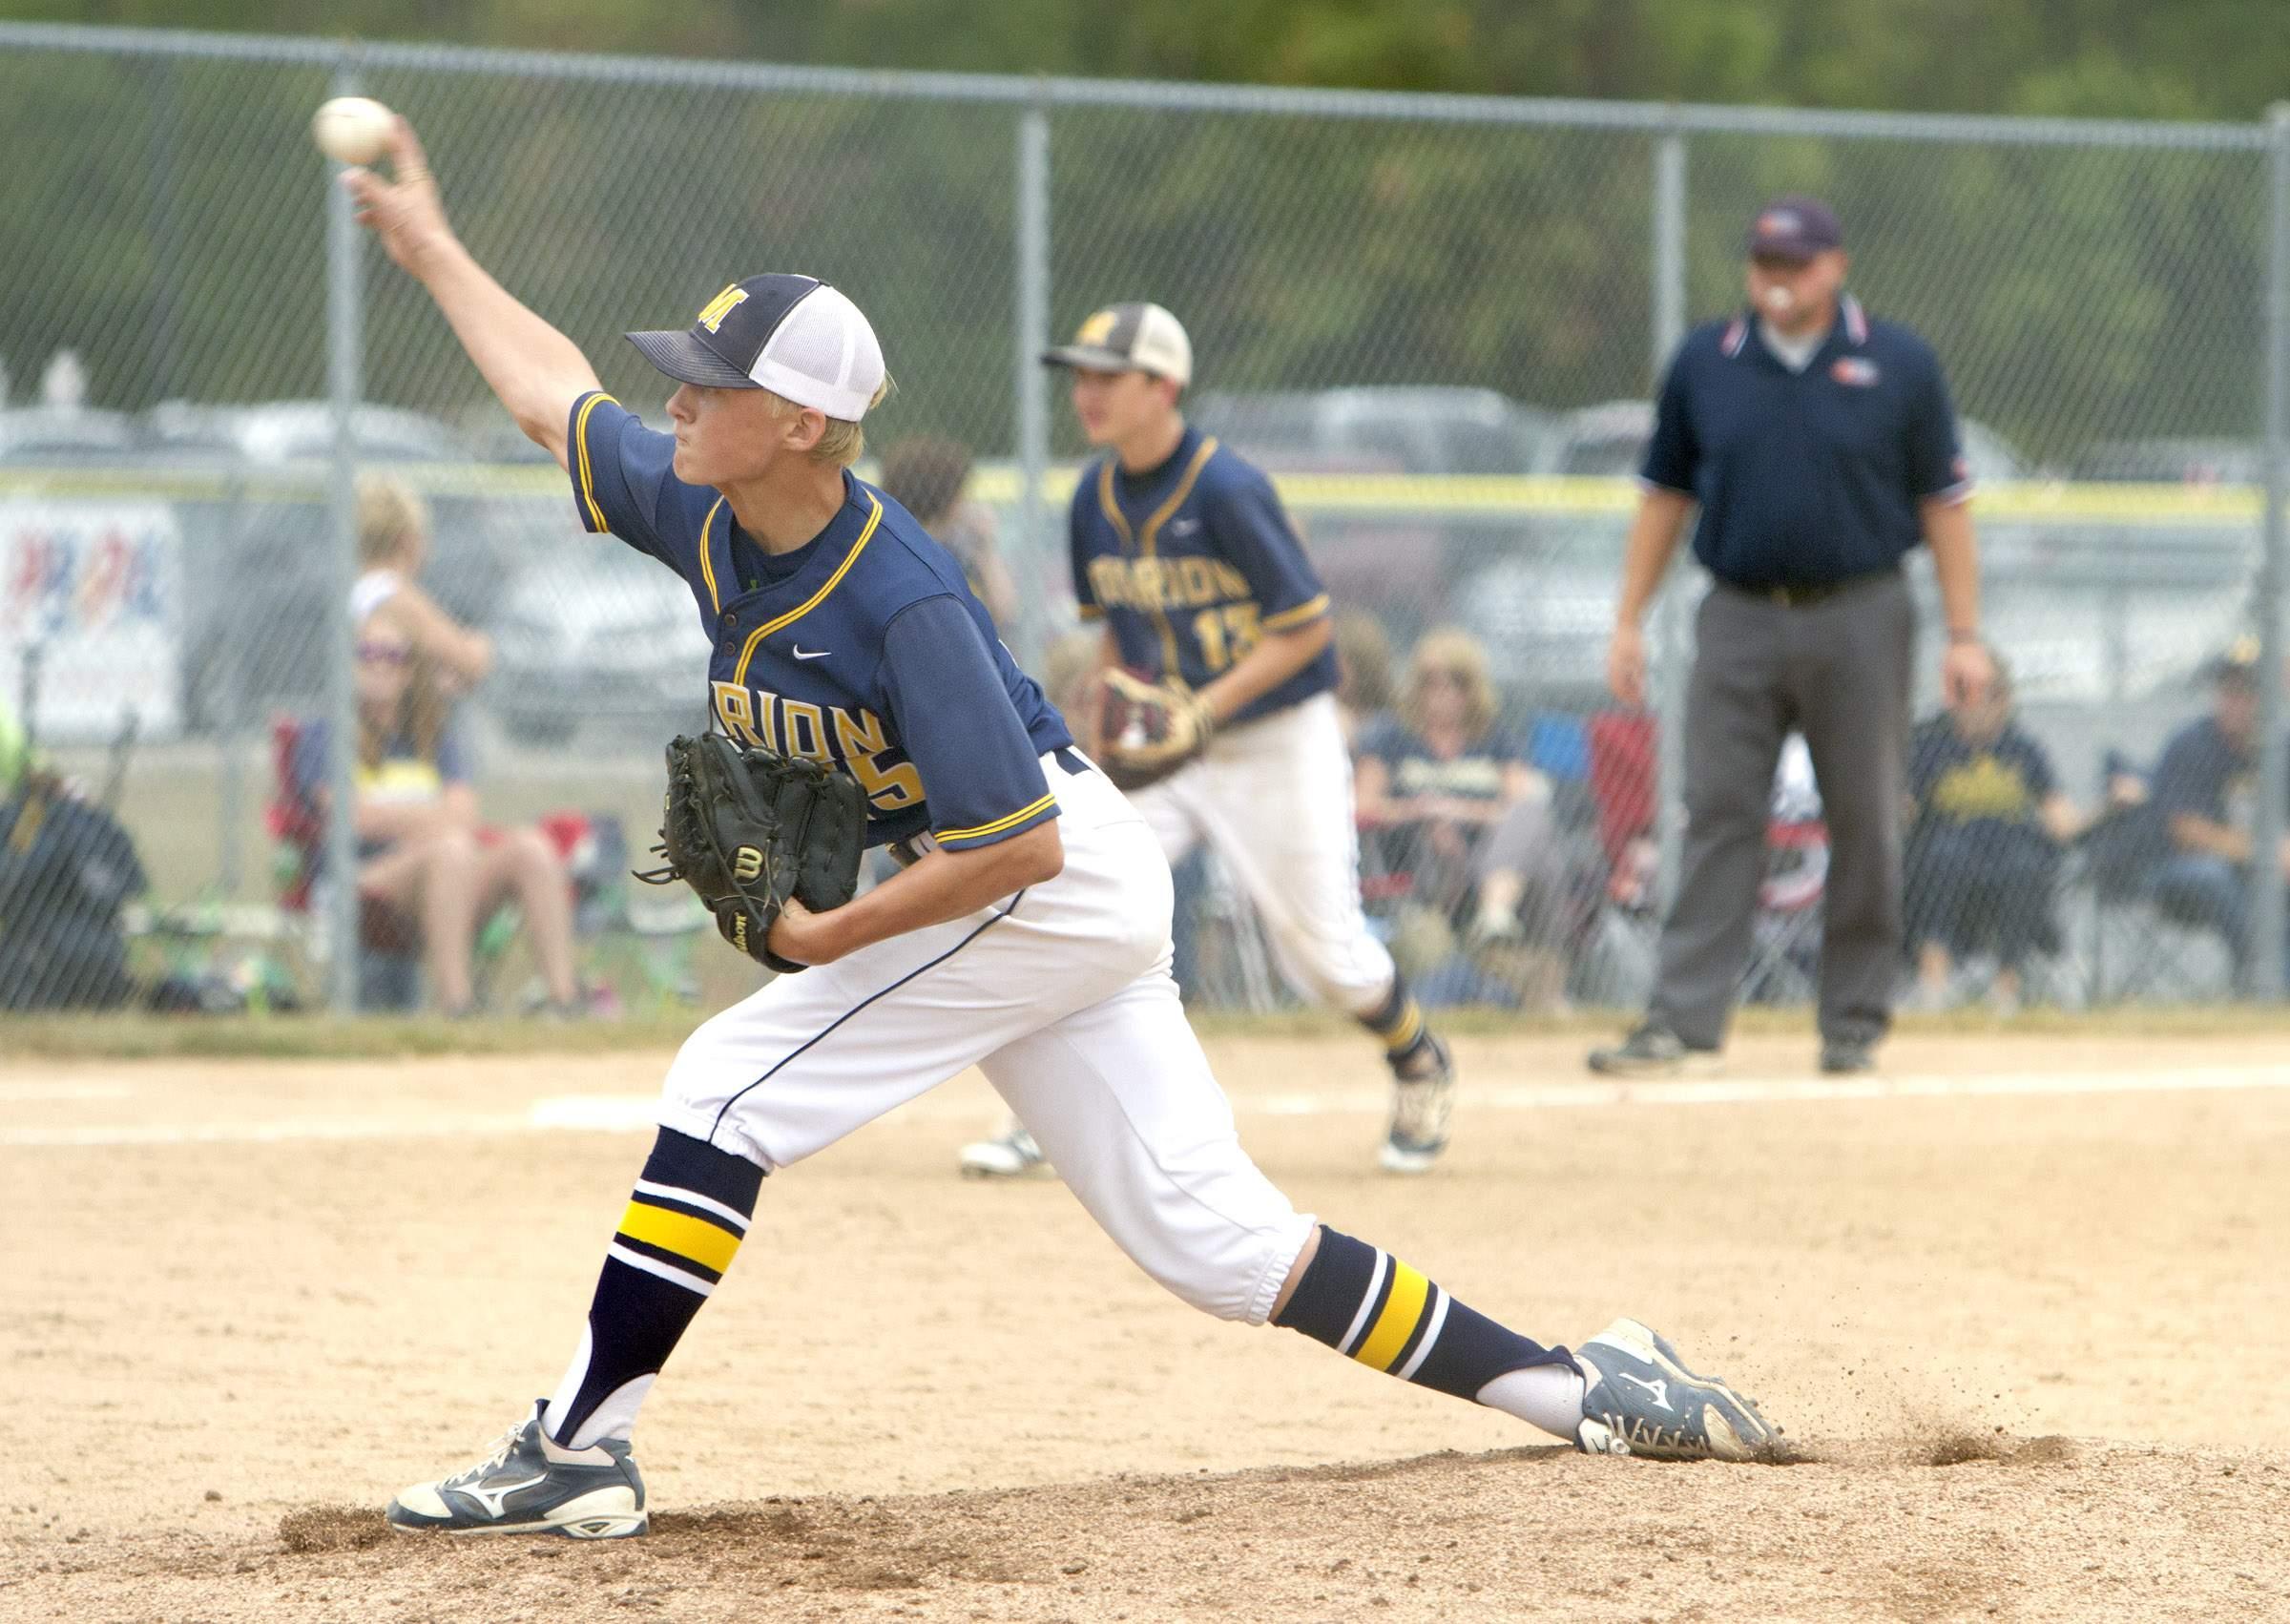 Nehemiah Goodman throws a pitch.